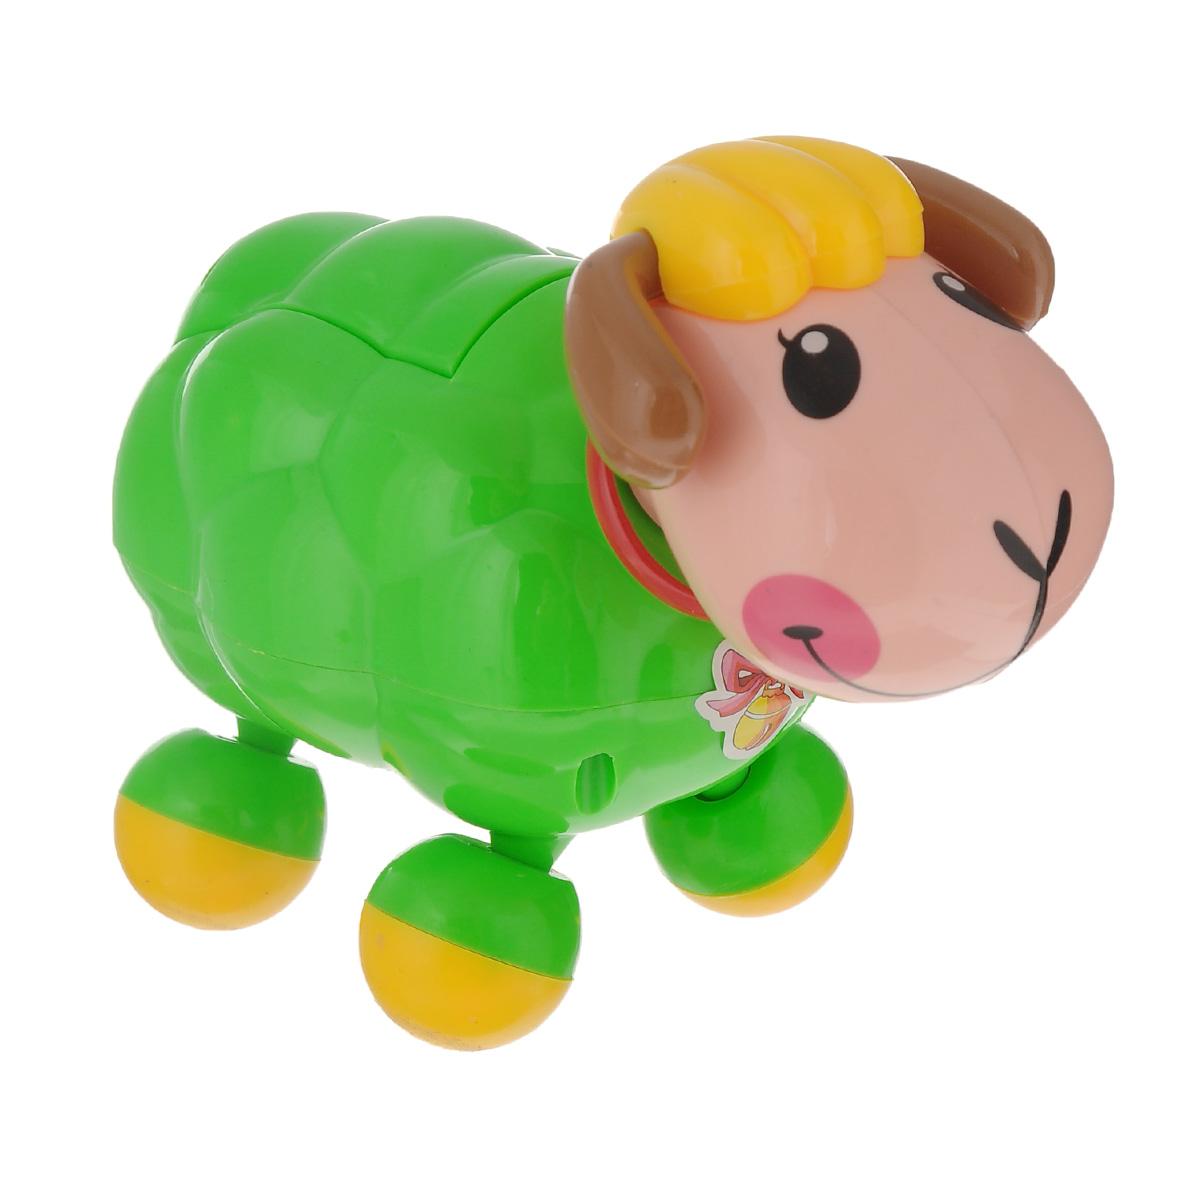 """Развивающая игрушка Mommy Love """"Веселая овечка"""", озвученная, цвет: зеленый, Dream Makers"""